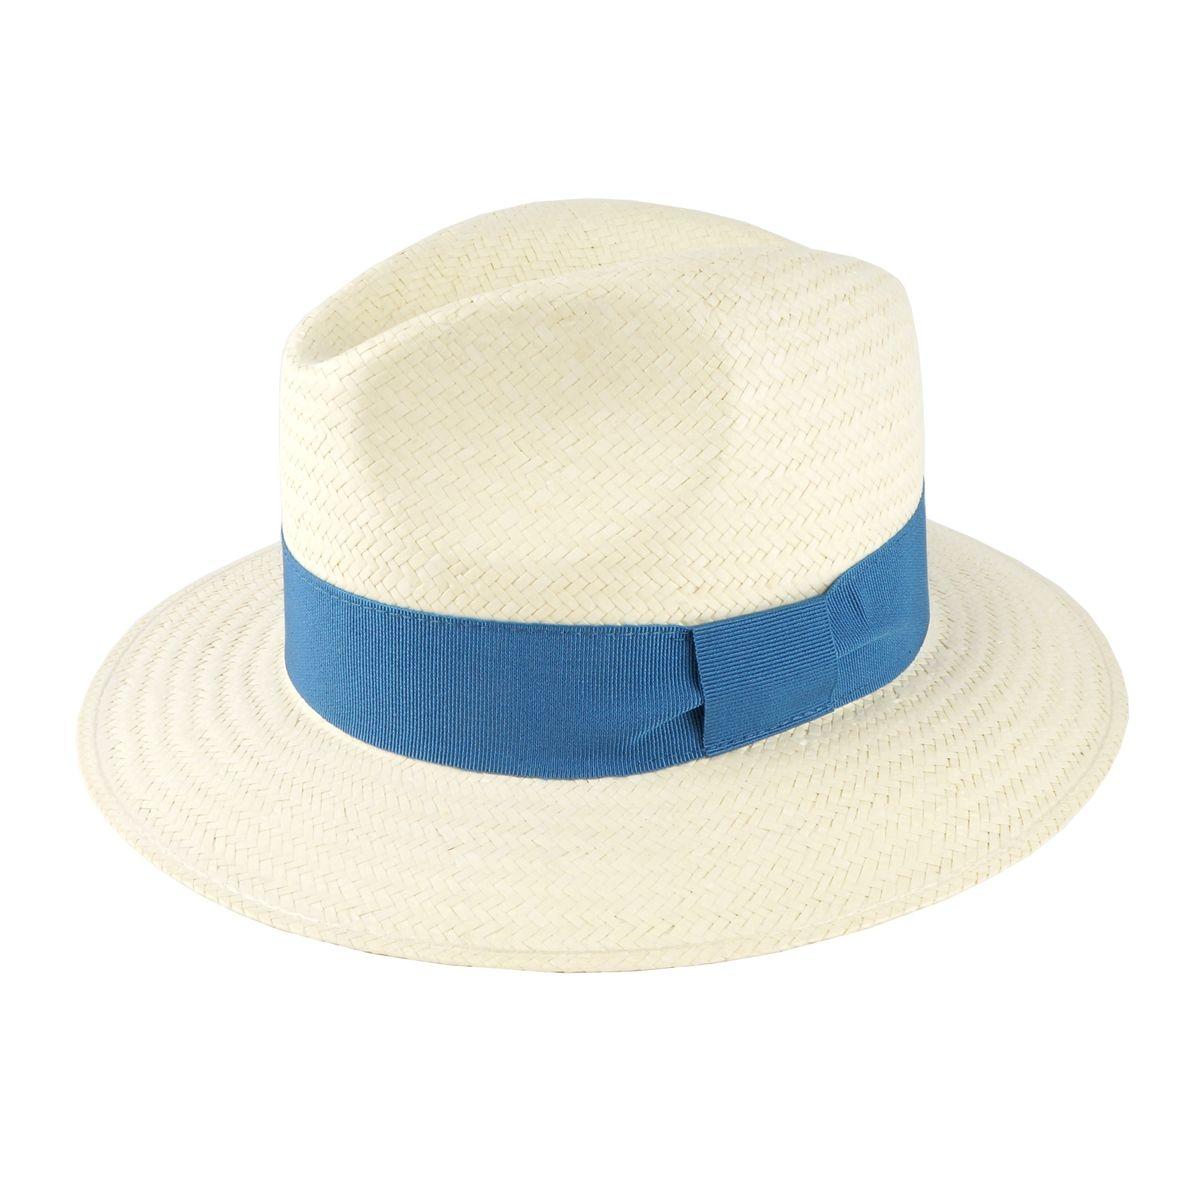 Chapeau de plage Panama bleu France